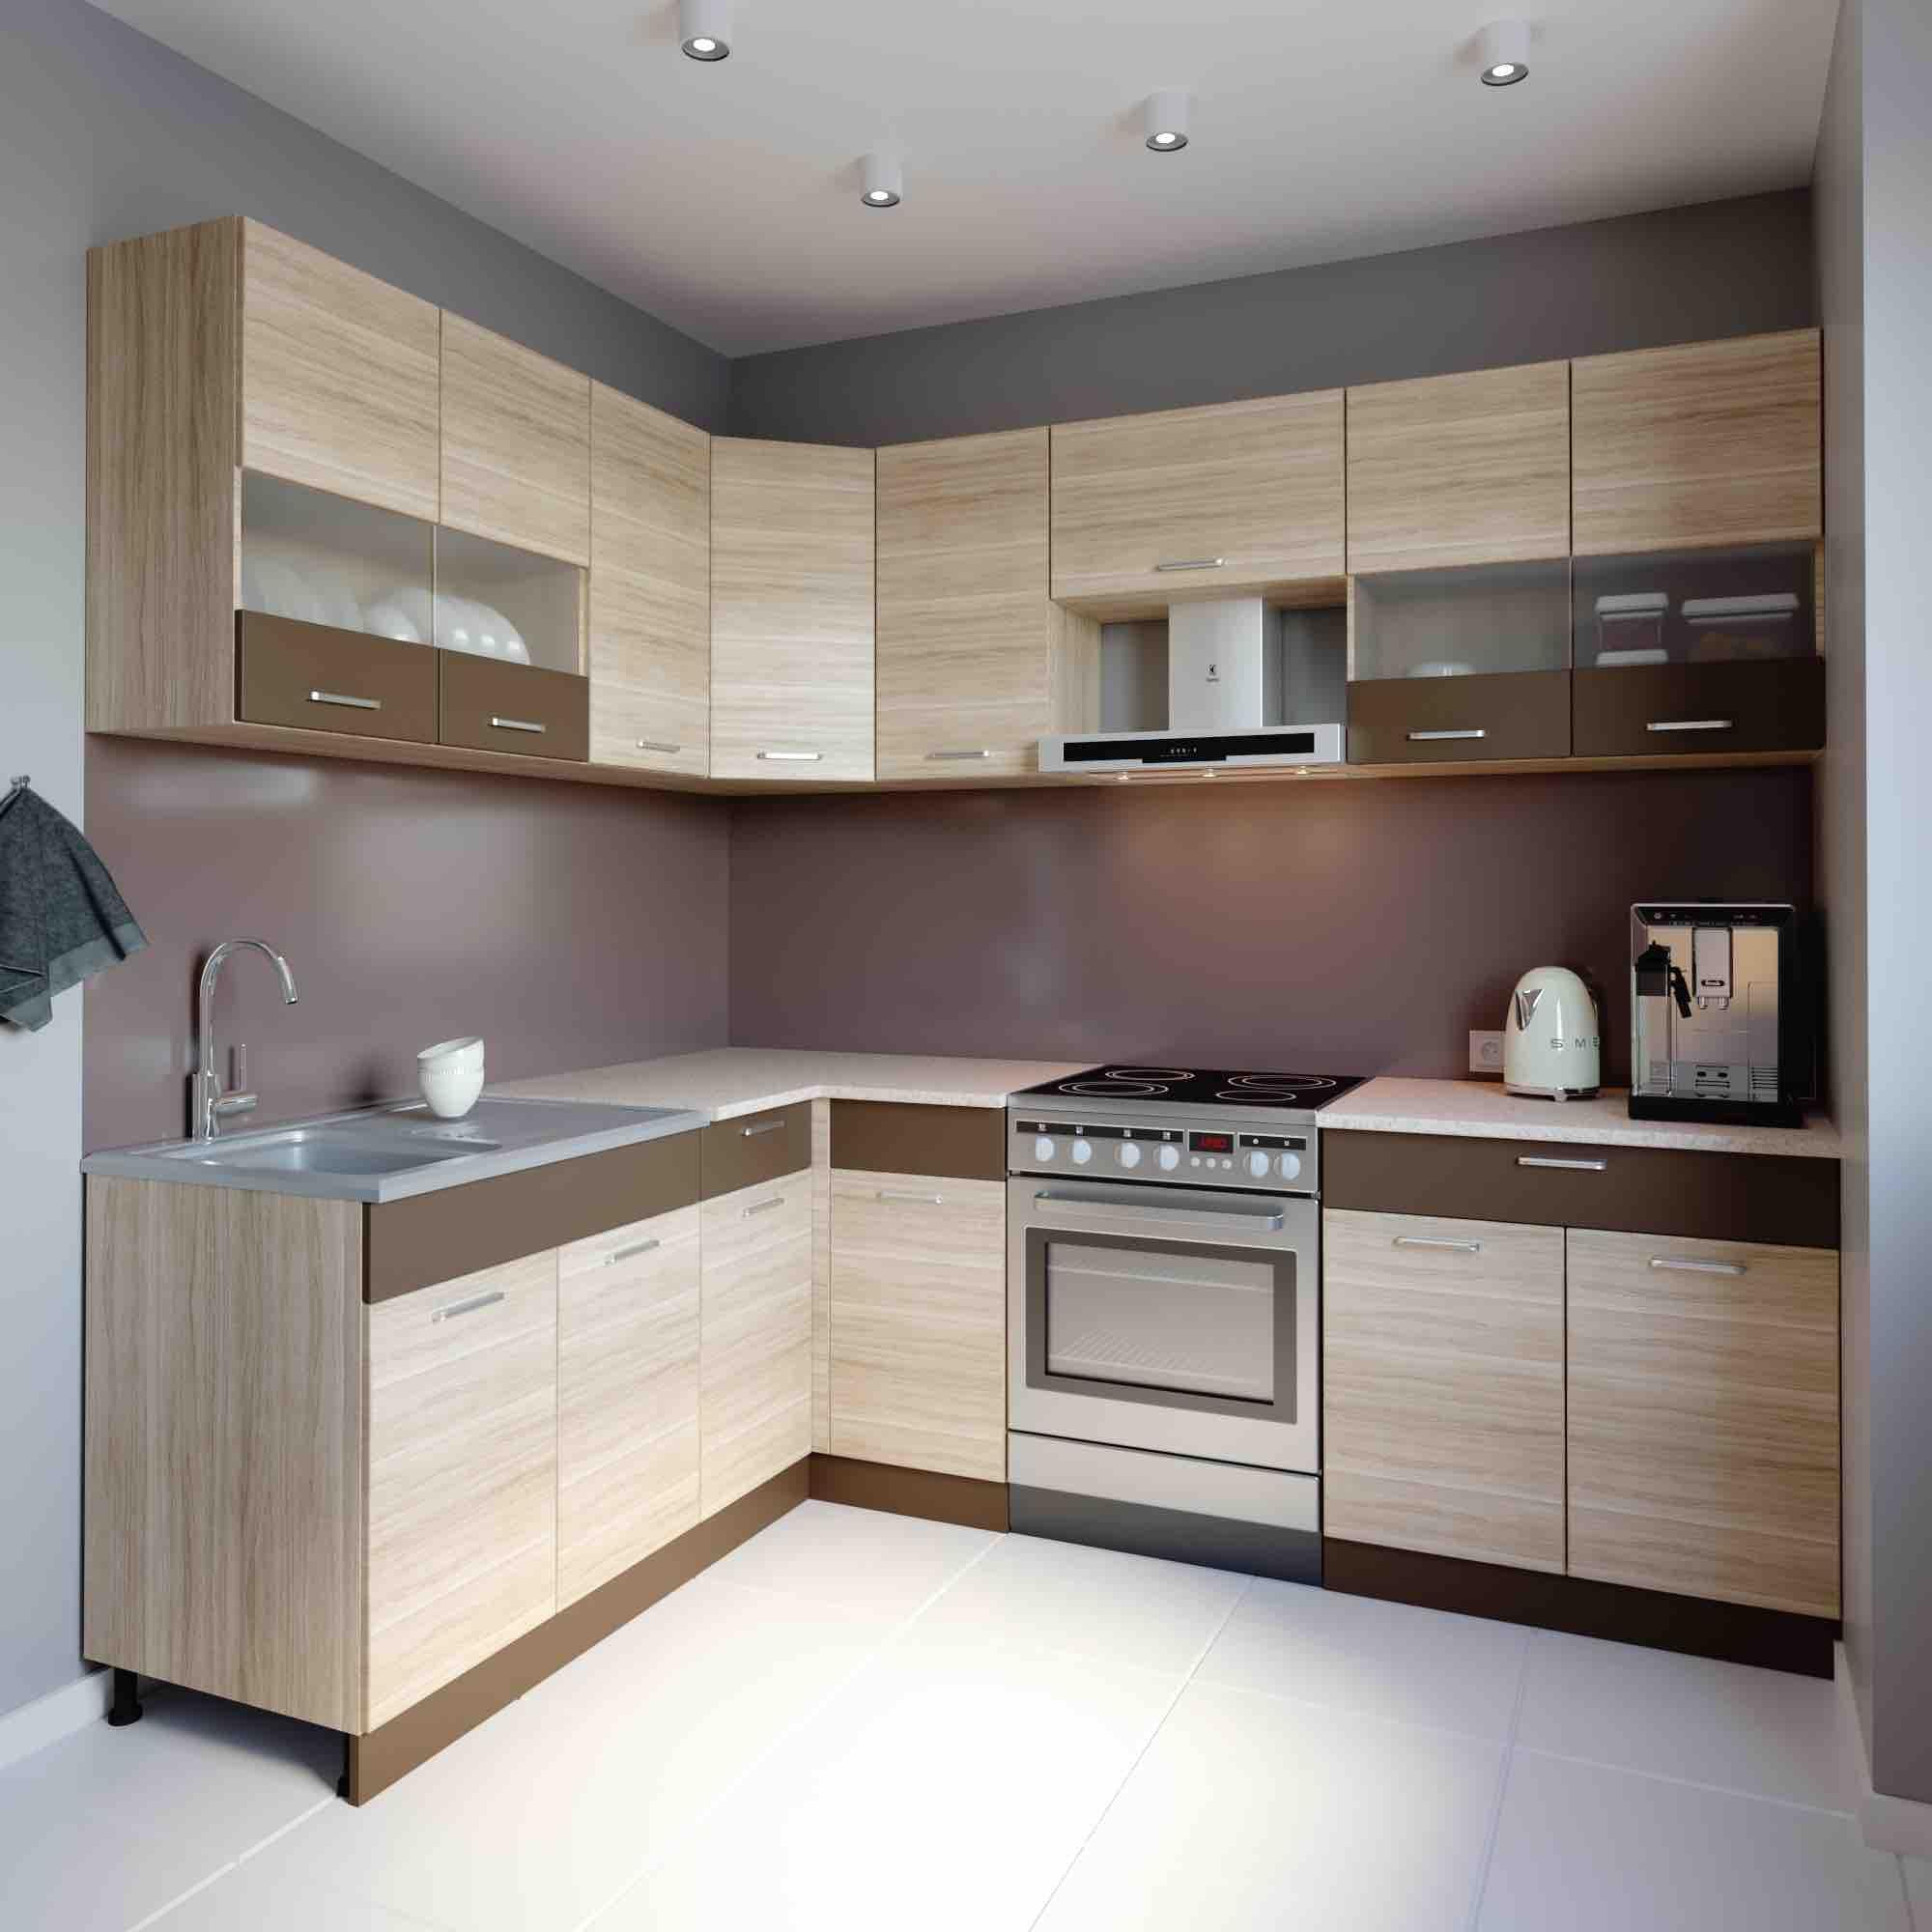 Full Size of Einbauküche L Form Einbauküche L Form Günstig Einbauküche L Form Mit Geräten Einbauküche L Form Kaufen Küche Einbauküche L Form